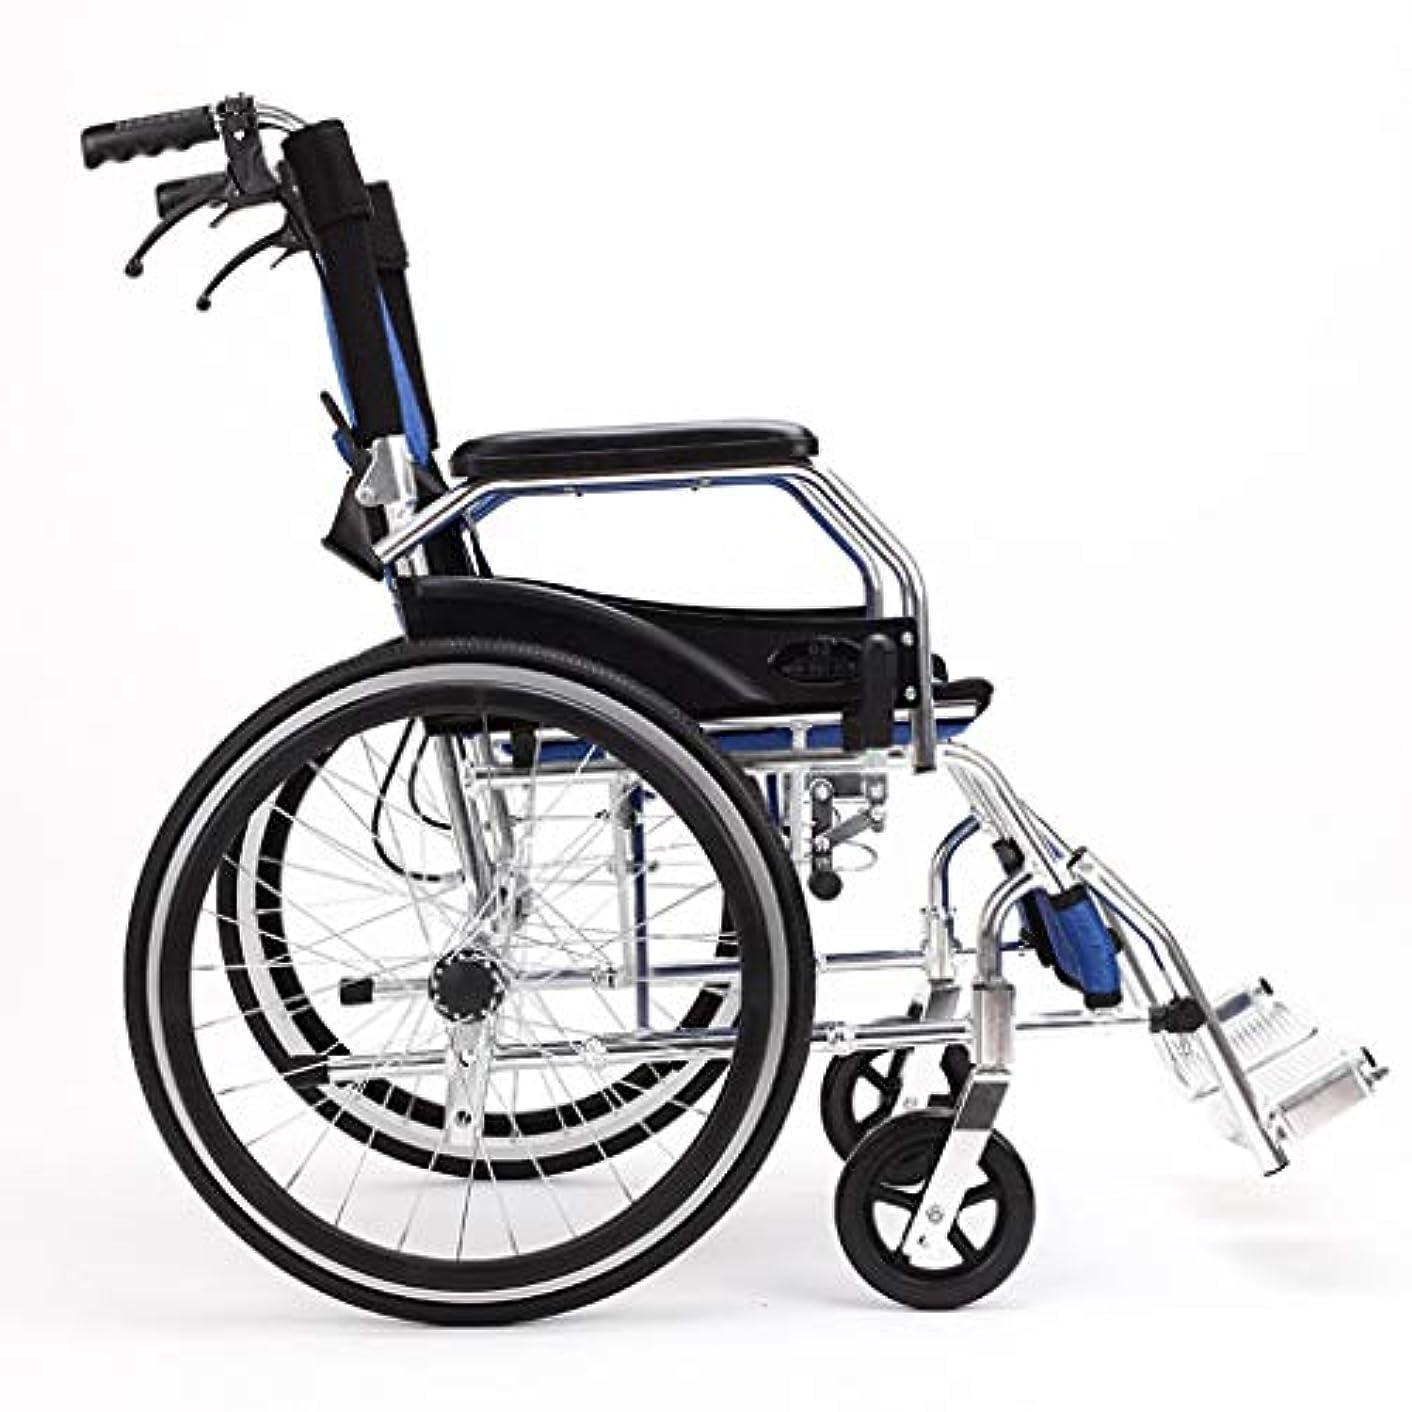 克服するオープナー収容する折りたたみ式車椅子超軽量ポータブル、20インチPUタイヤ、高齢者障害者手押し車椅子